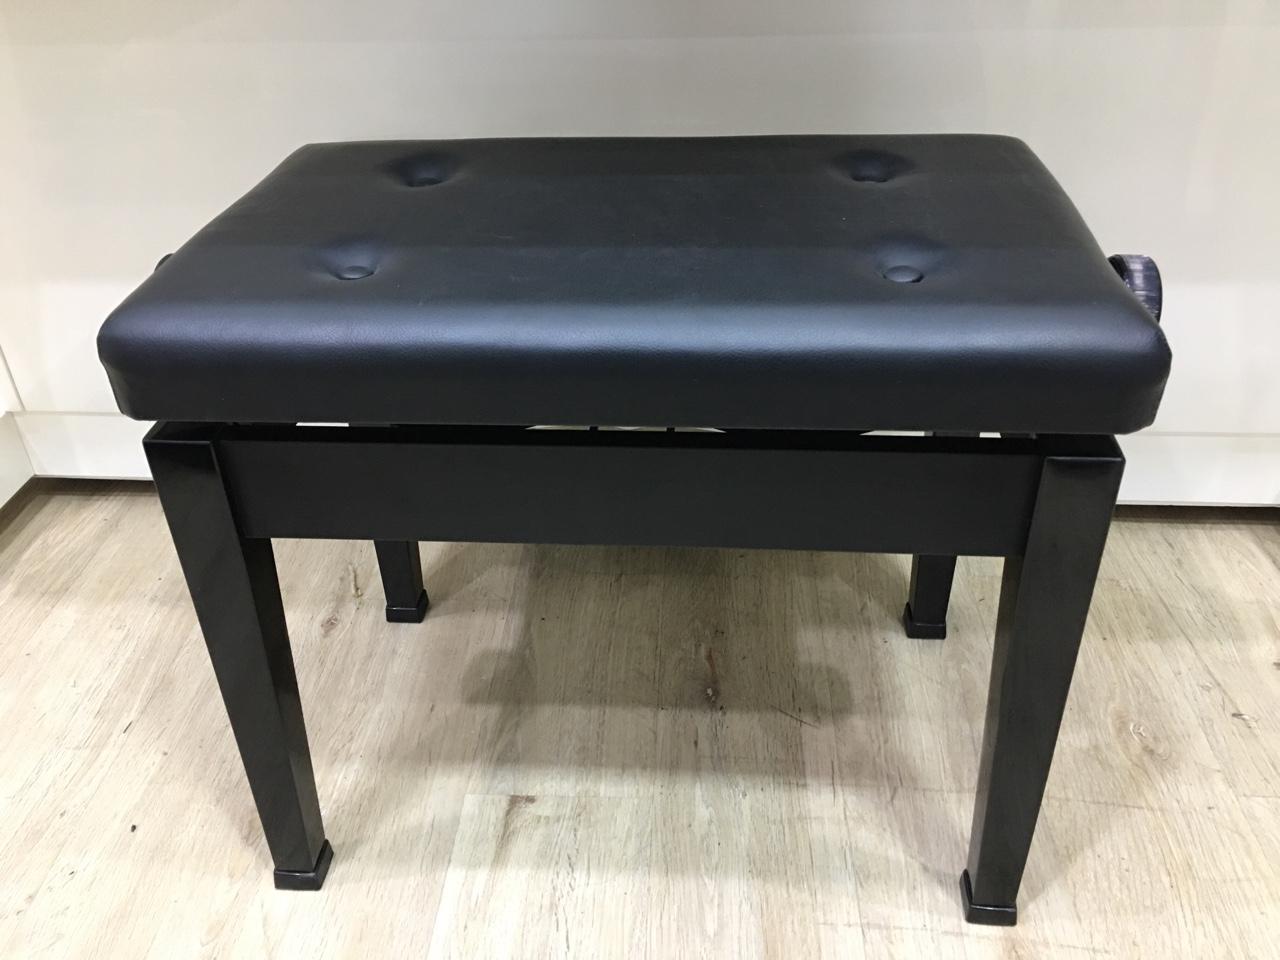 Ghế piano (chỉnh độ cao) Nhật